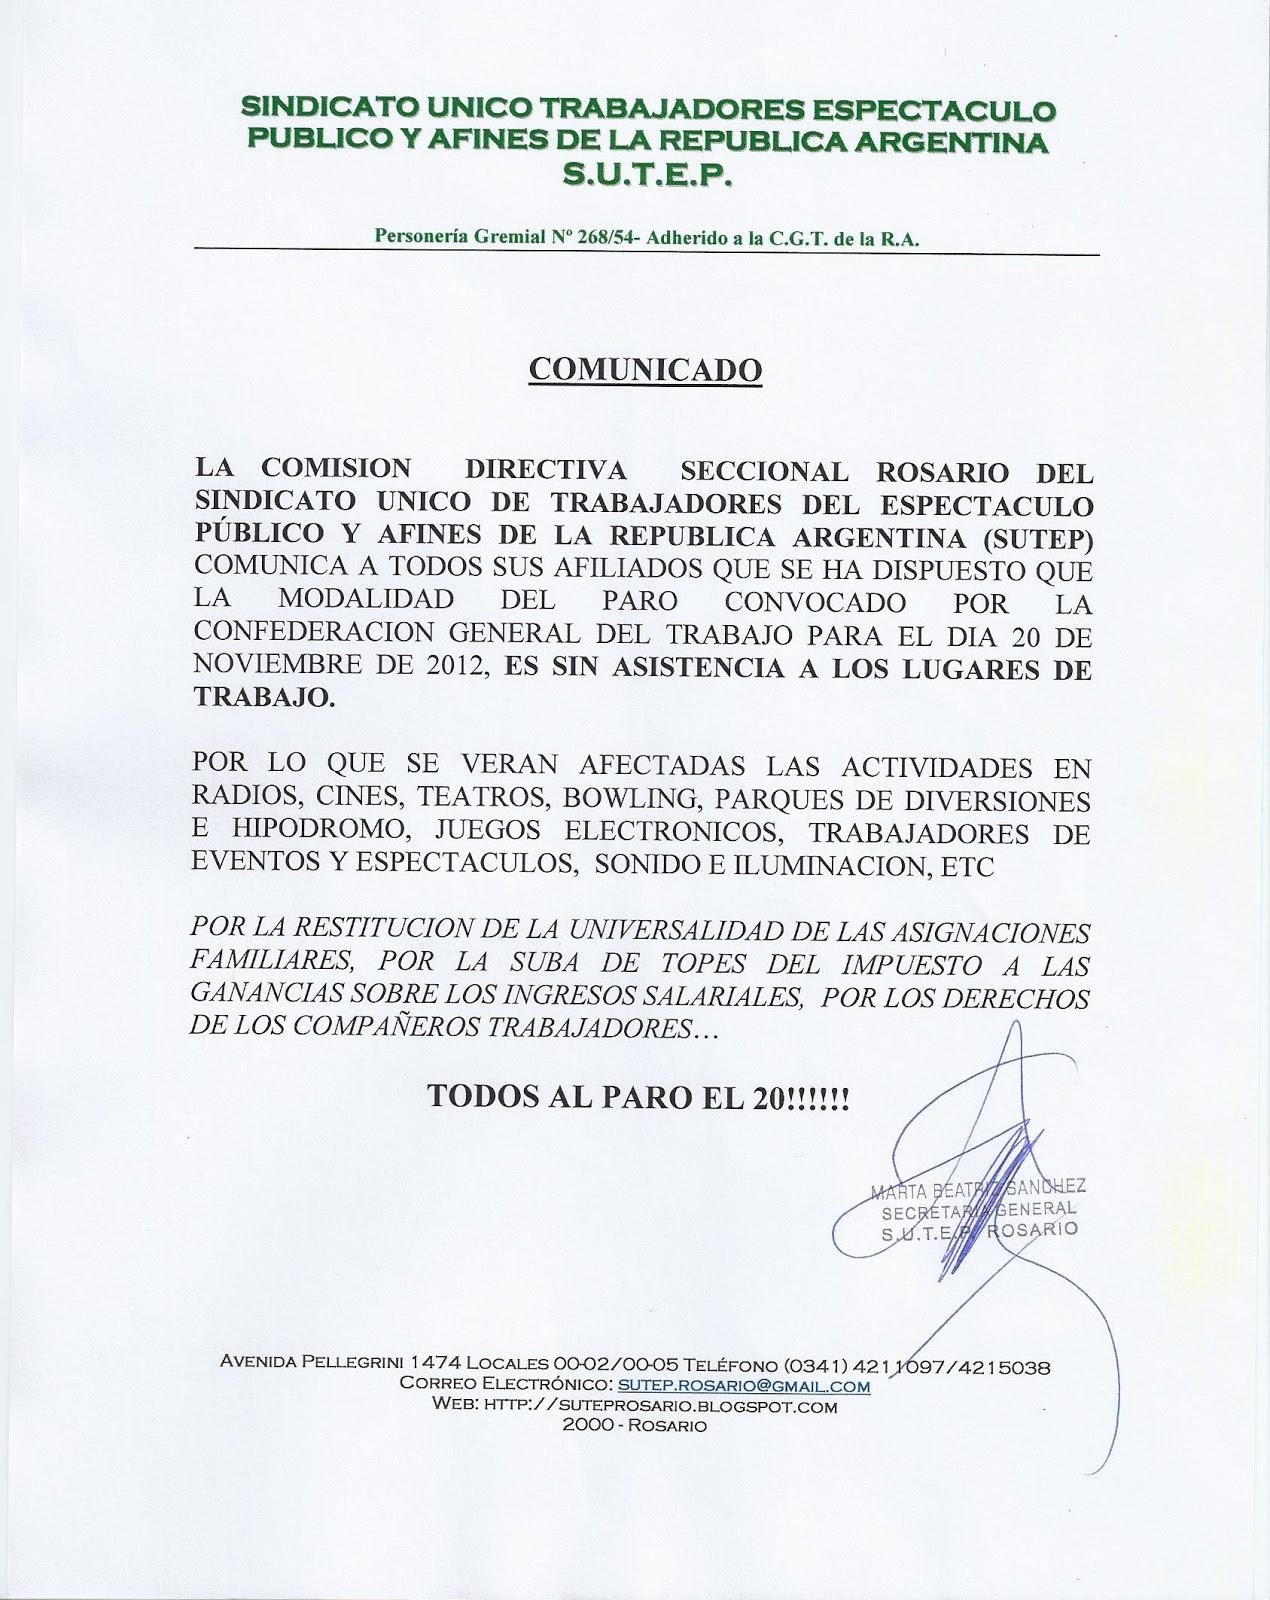 SUTEP Rosario